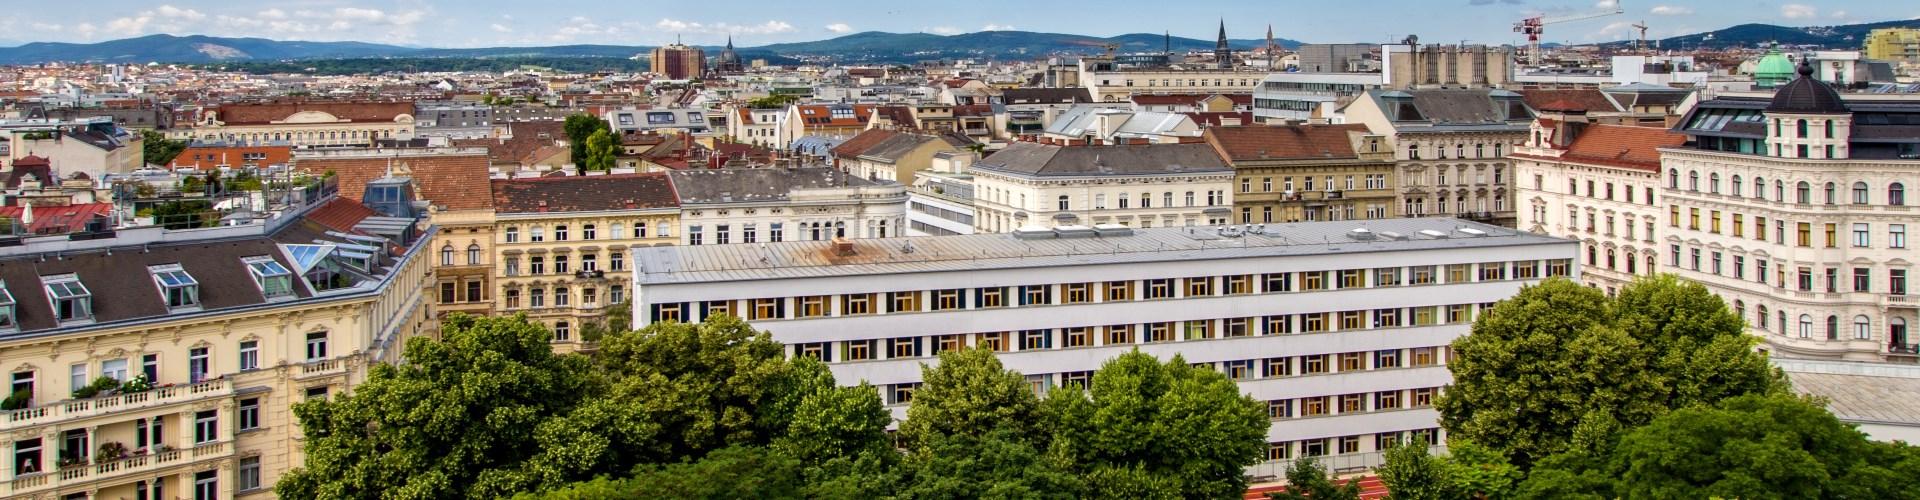 Wien-02